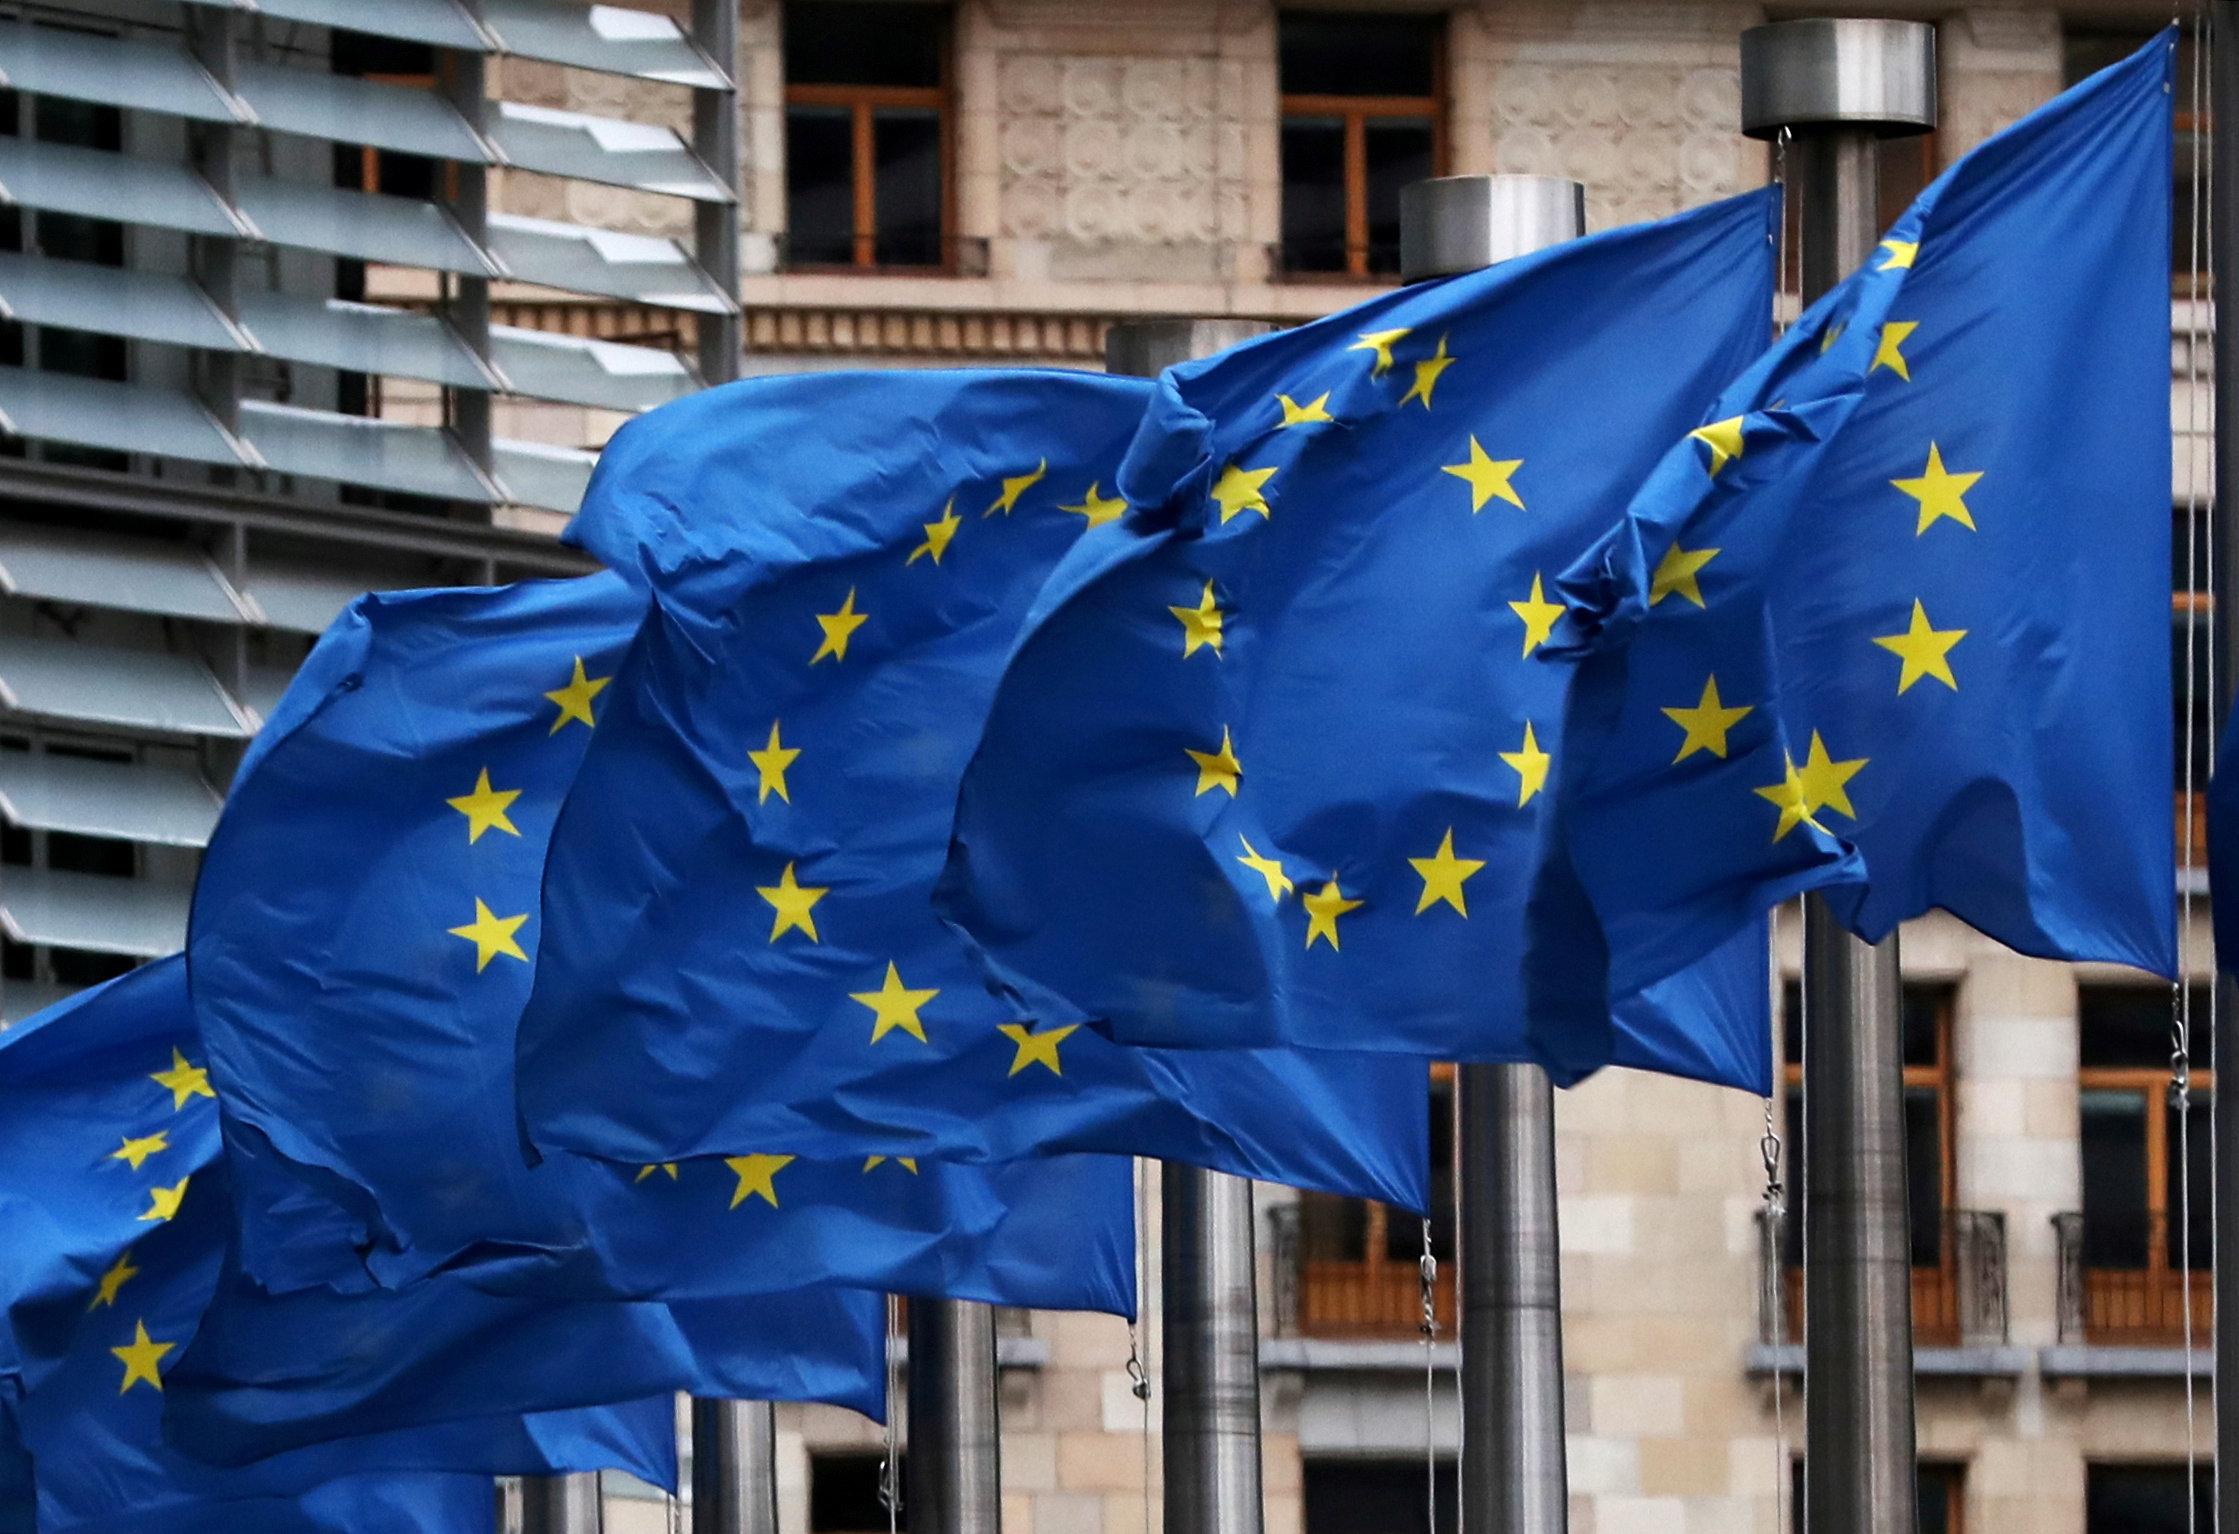 الخطة الأكبر بتاريخها.. مئات المليارات للنهوض باقتصاد الاتحاد الأوروبي